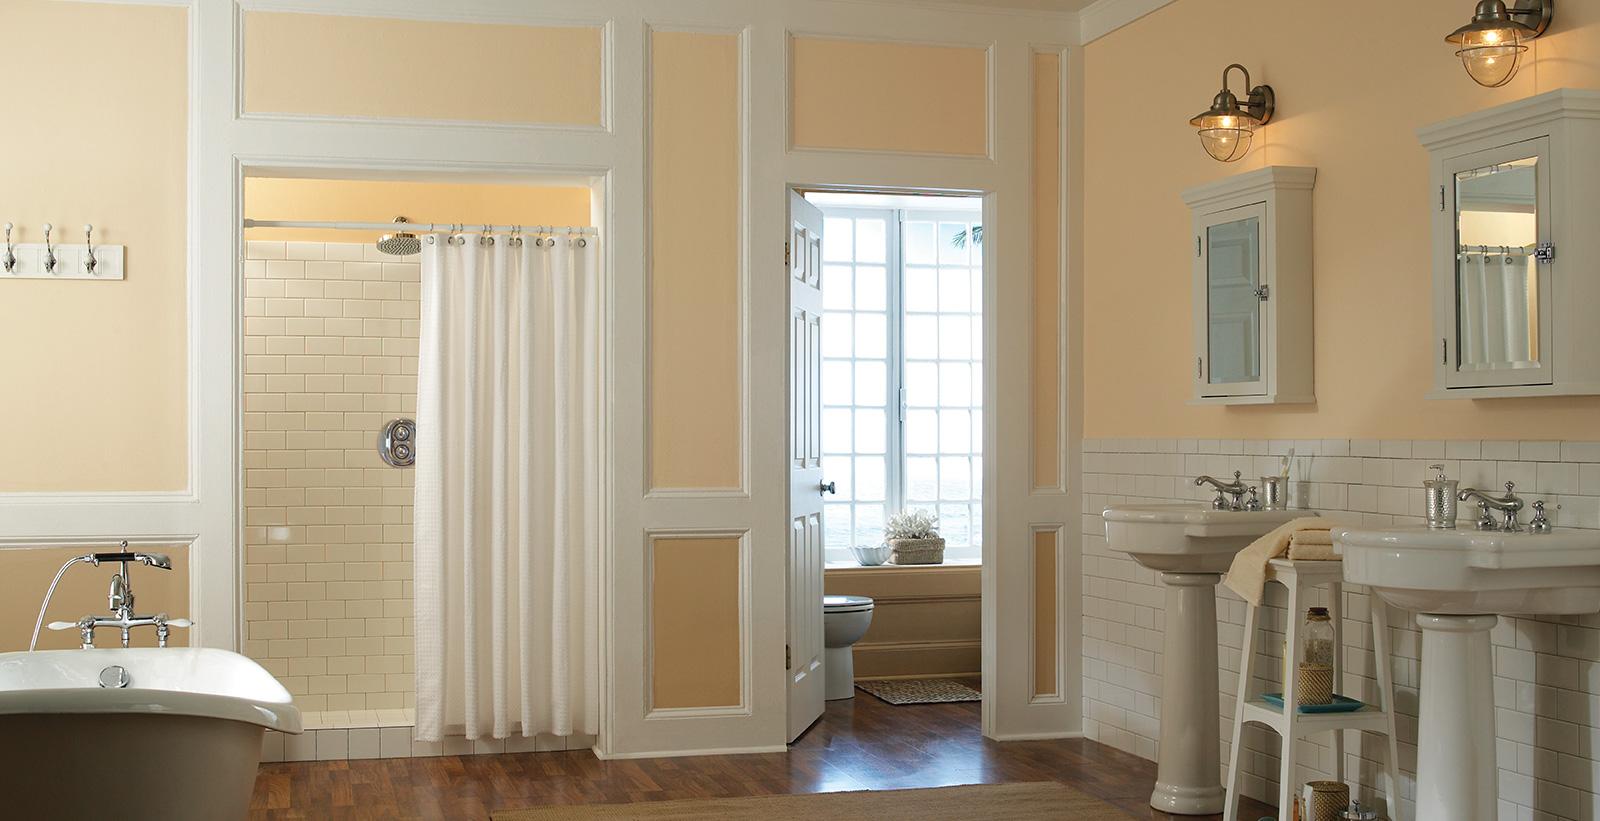 Baño para parejas con paredes anaranjadas y molduras blancas.